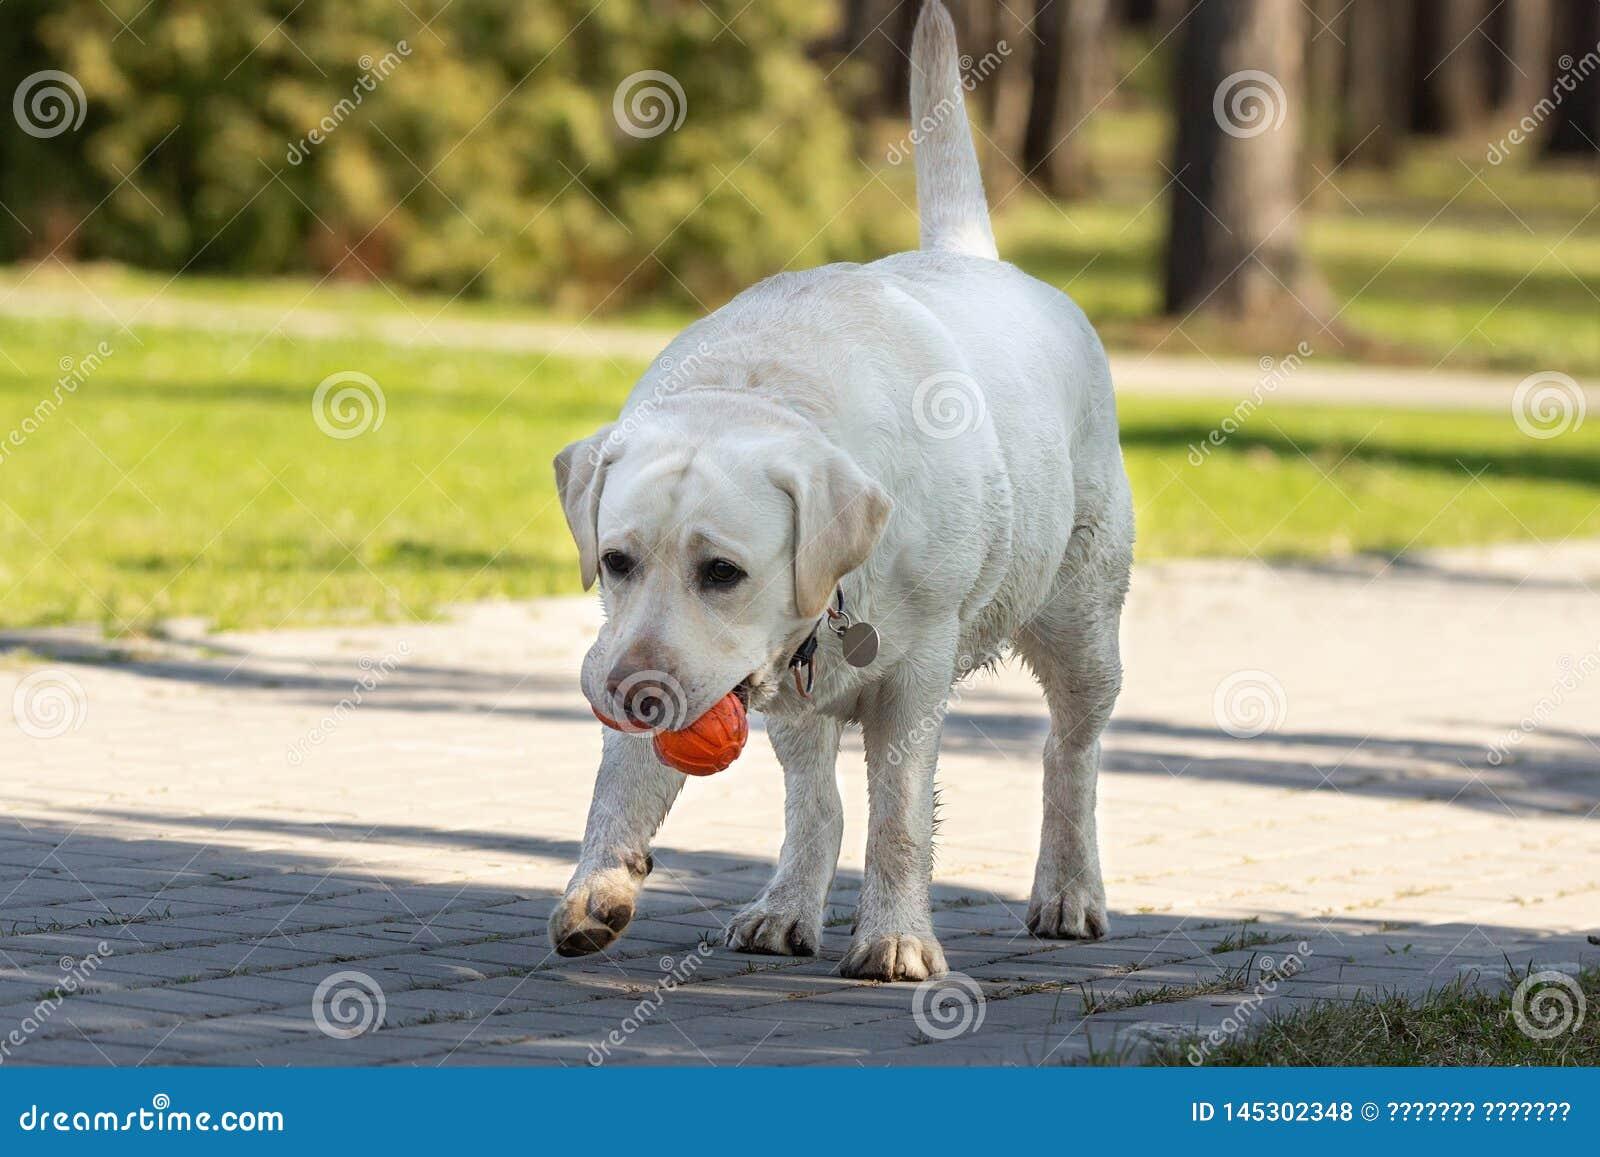 Cão de labrador retriever com bola